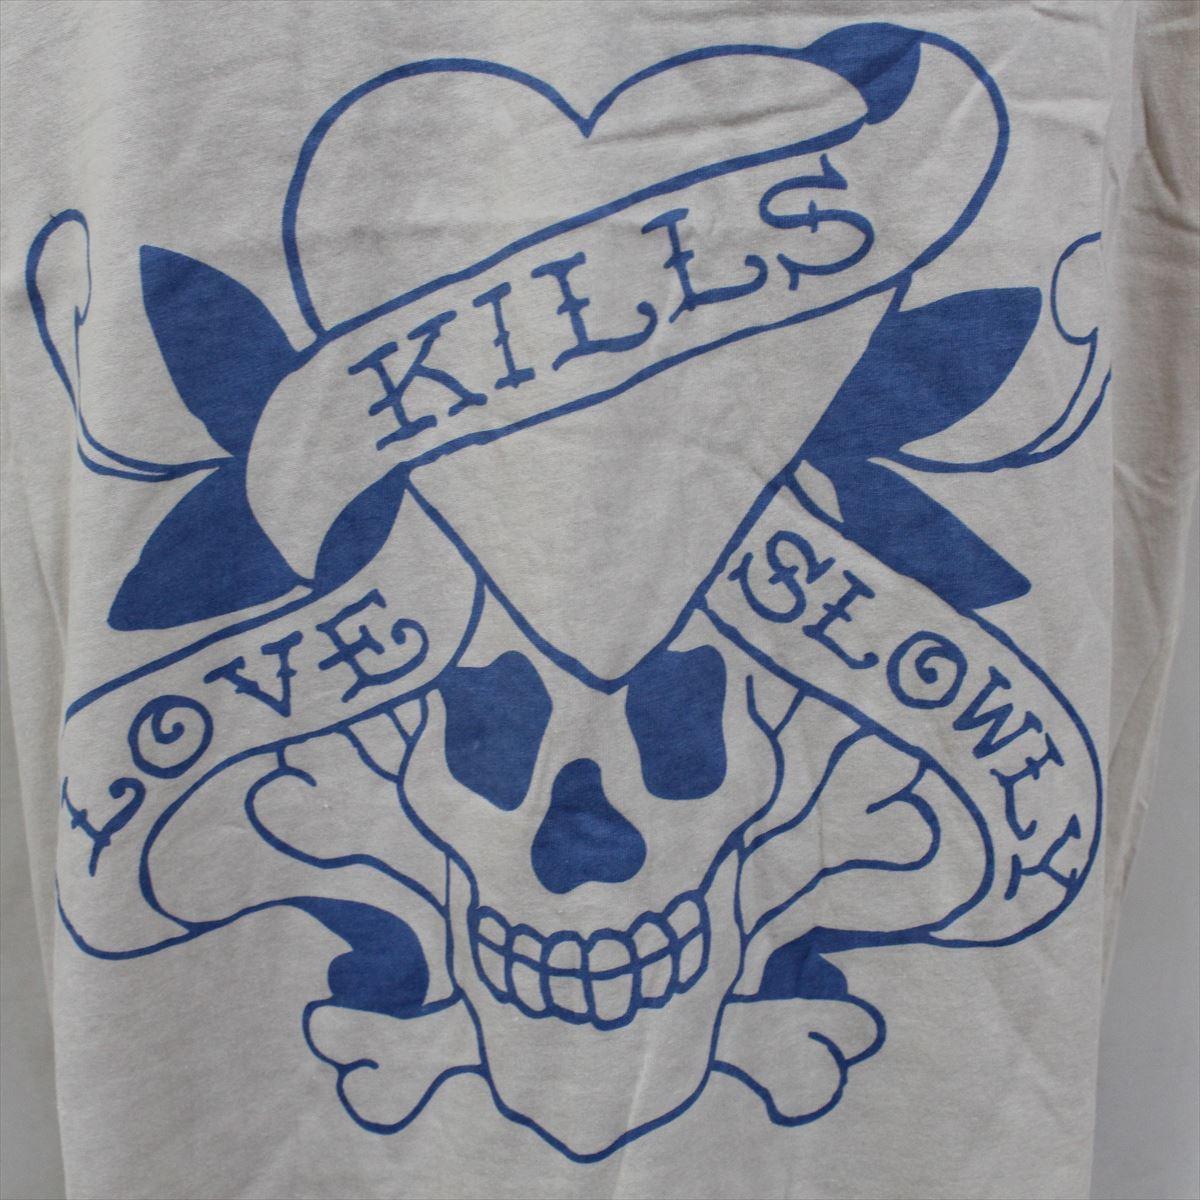 エドハーディー ED HARDY メンズ半袖Tシャツ Sサイズ サーフ M02SPR052 新品 ブルー LOVE KILLS SLOWLY_画像2